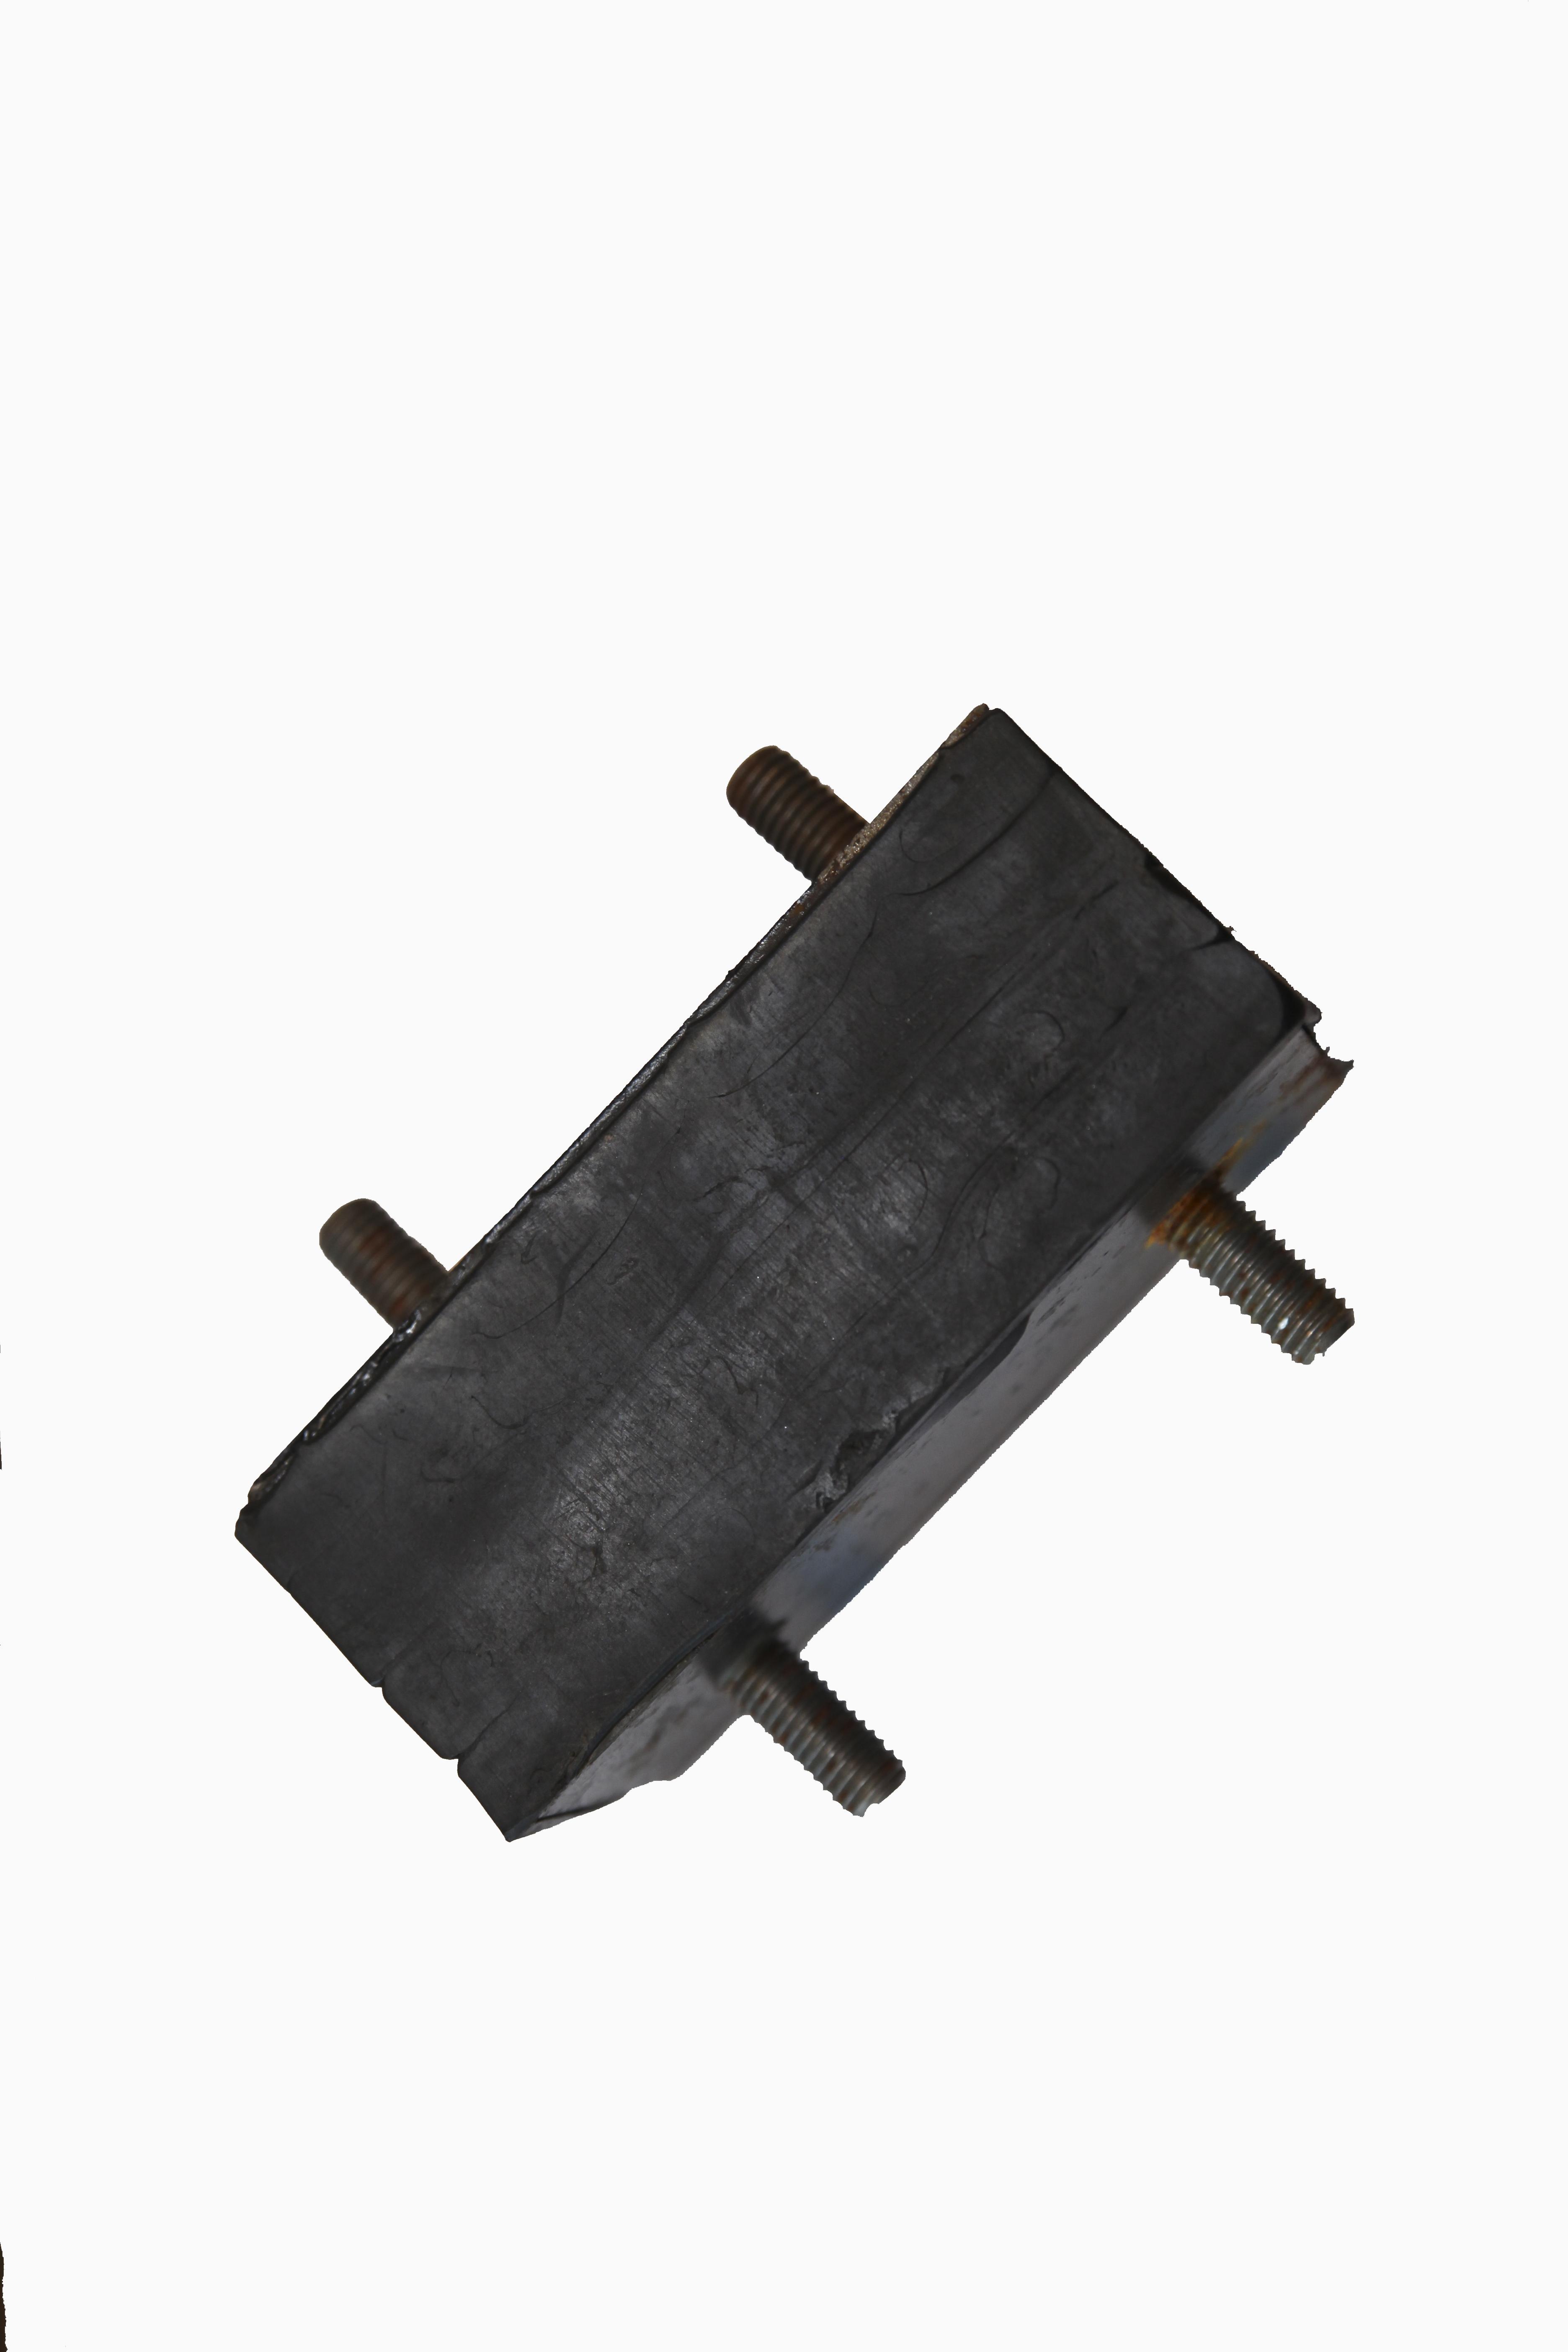 Подушка для Petkus (металл давальческий)